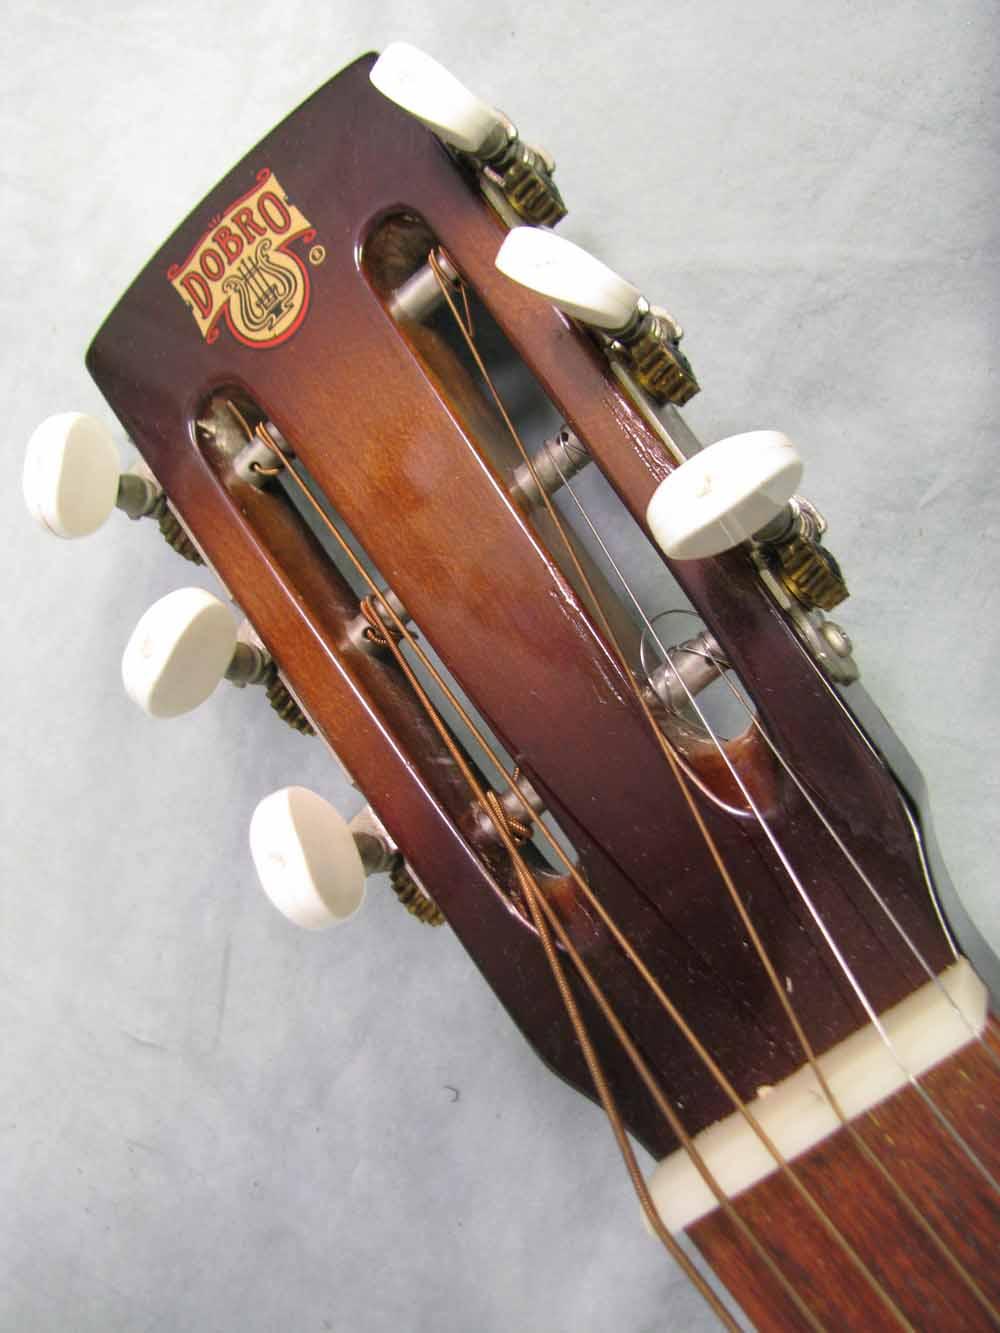 1980 dobro model 60d square neck resonator guitar used vintage acoustic. Black Bedroom Furniture Sets. Home Design Ideas